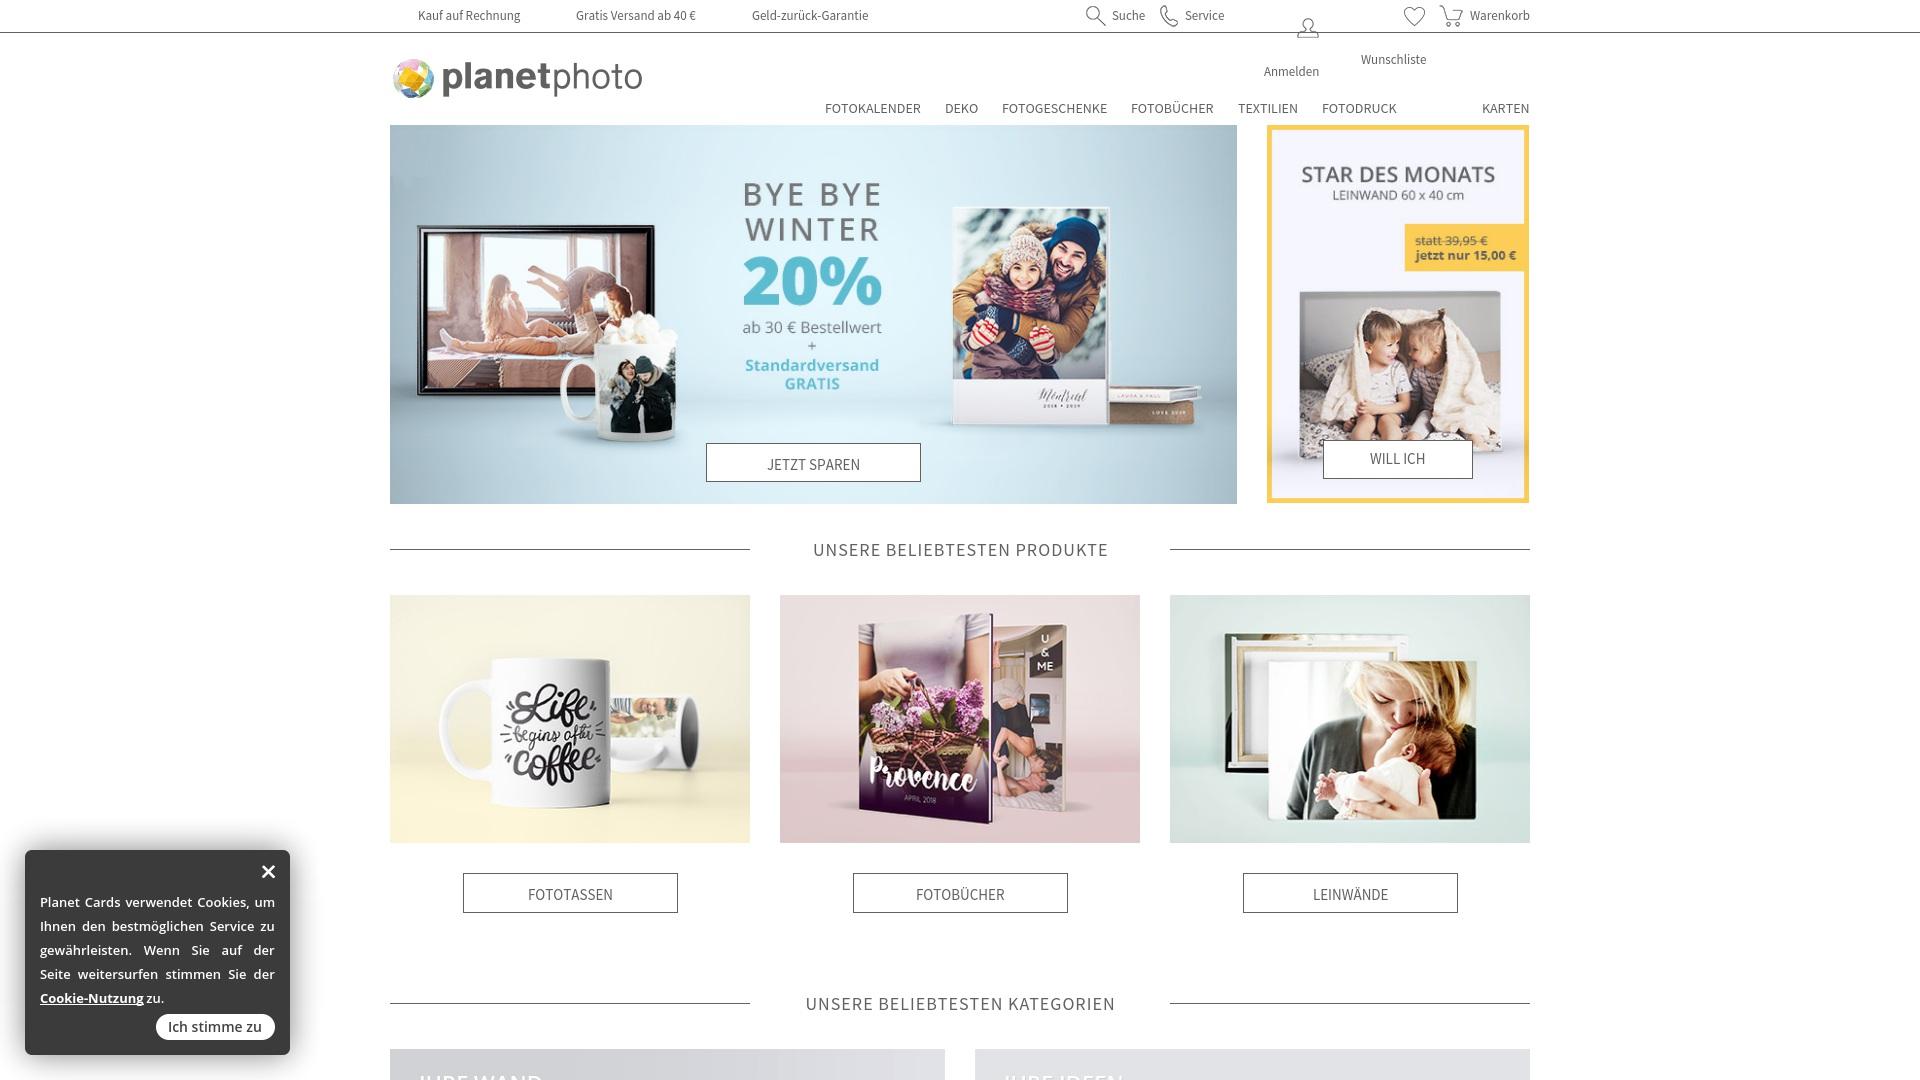 Gutschein für Planet-photo: Rabatte für Planet-photo sichern